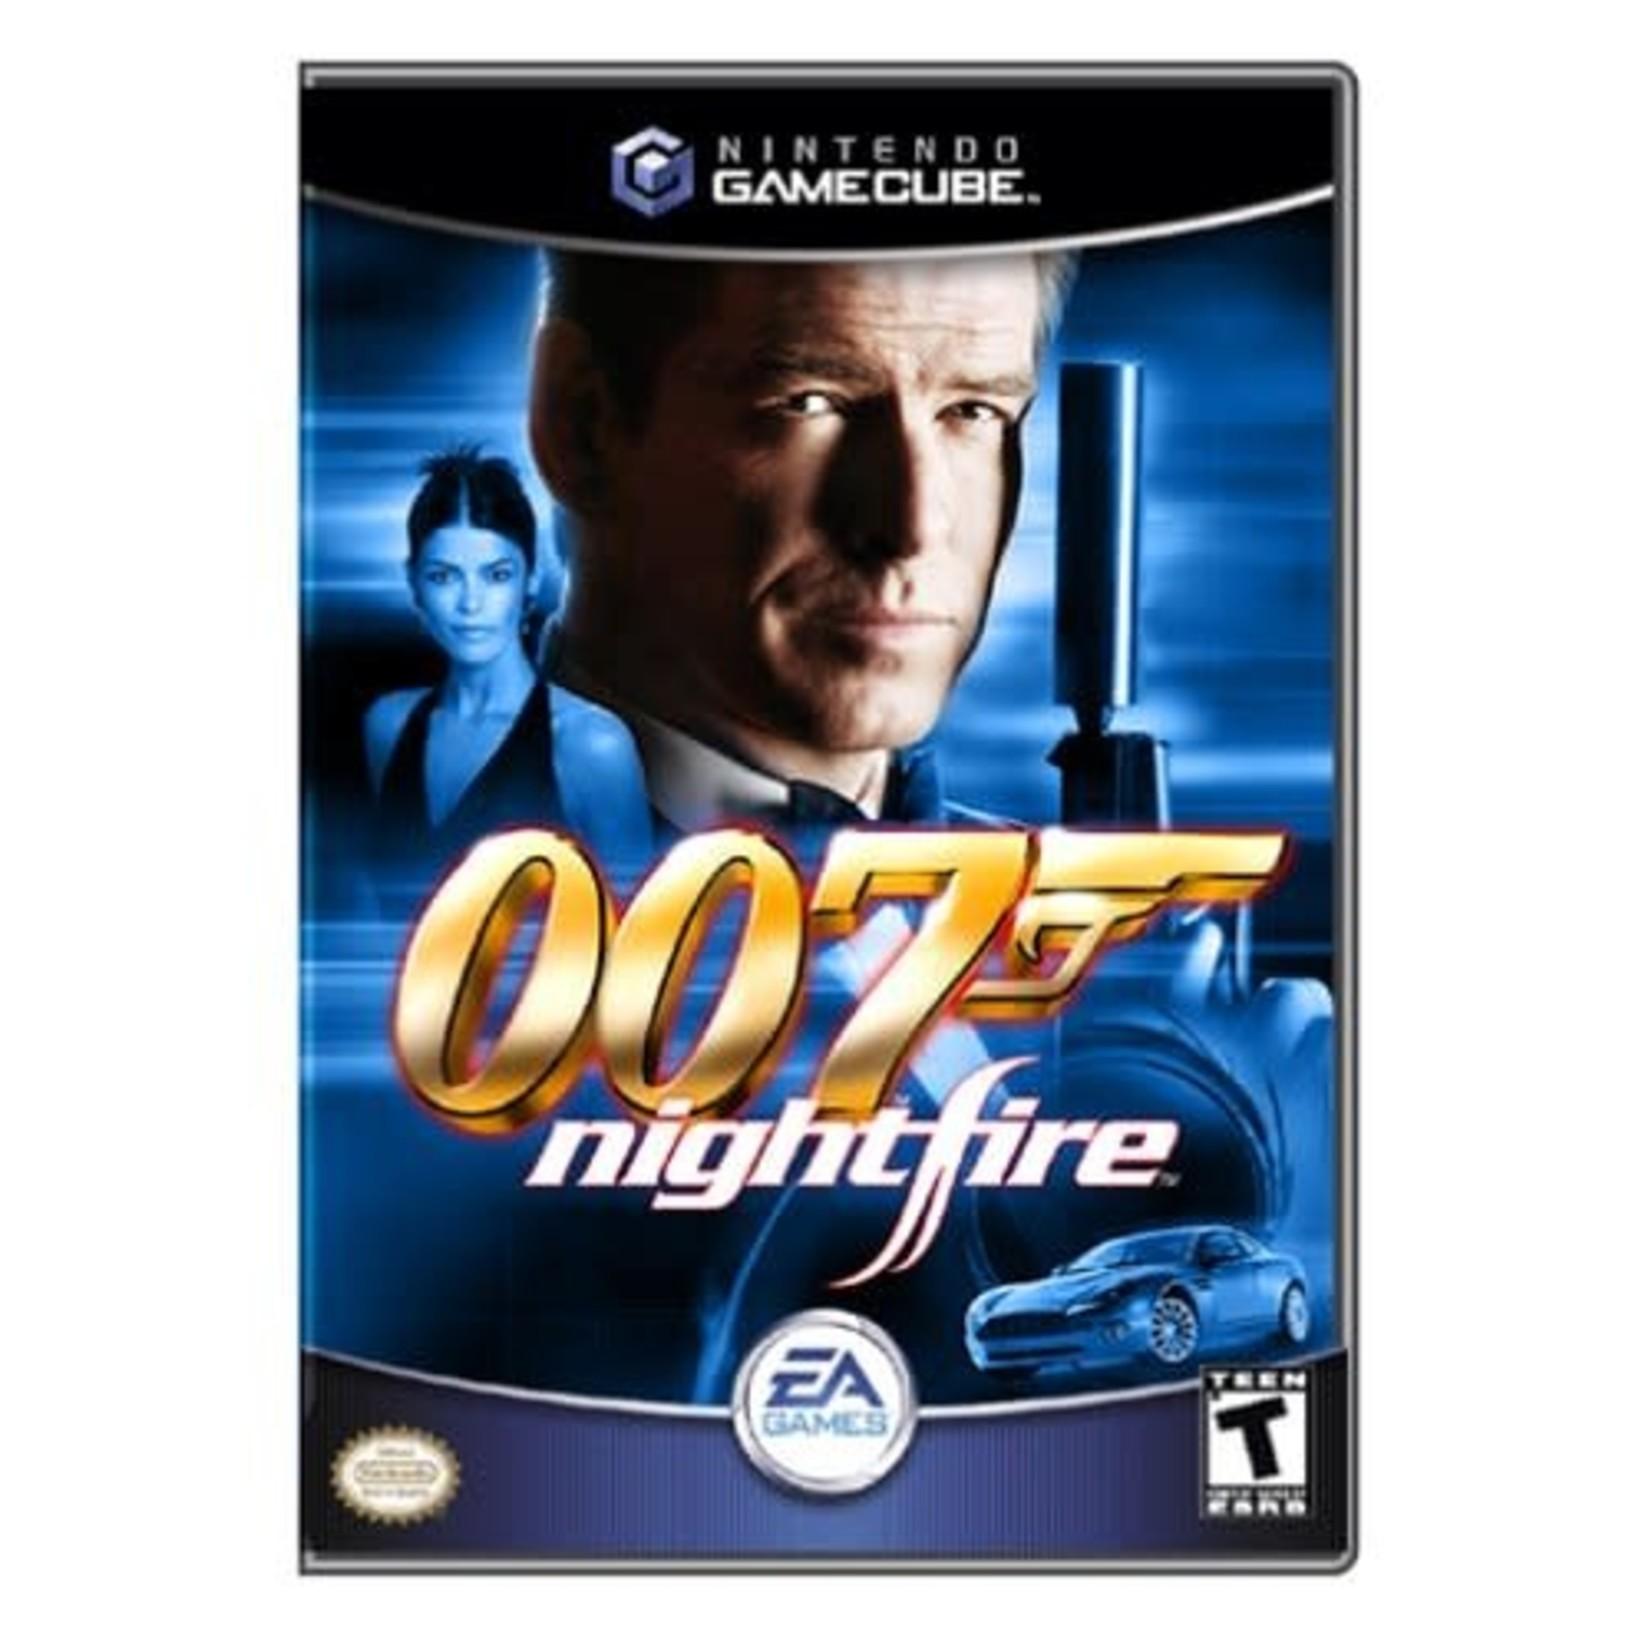 GCU-007 Nightfire